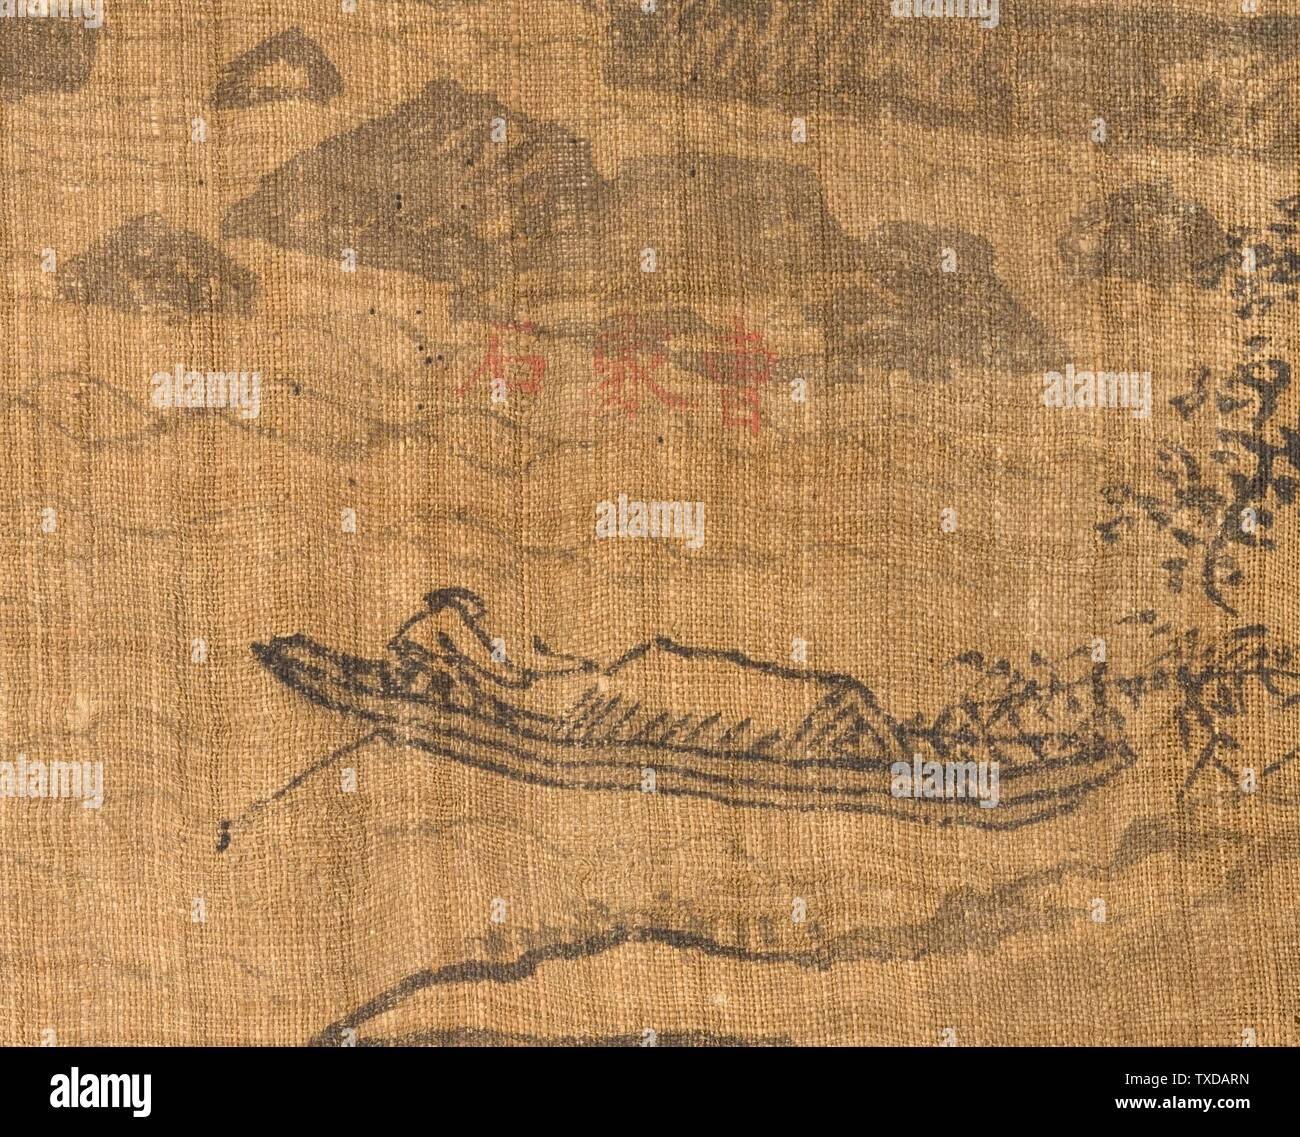 Sixième des Neuf plis au Mont Wuyi, Chine (image 2 de 5); Corée, Corée, dynastie Joseon (1392-1910), Tableaux du XVIIe siècle défilement suspendu, encre sur ramie ou chanvre image : 20 3/4 x 23 1/8 in. (52,71 x 58,74 cm) ; montage : 48 3/4 x 25 po. (123,83 x 63,5 cm) ; rouleau : 27 1/4 po. (69,22 cm) Acheté avec Museum Funds (M. 2000.15.20) Korean Art; date du XVIIe siècle QS:P571,+1650-00-00T00:00:00Z/7; Banque D'Images